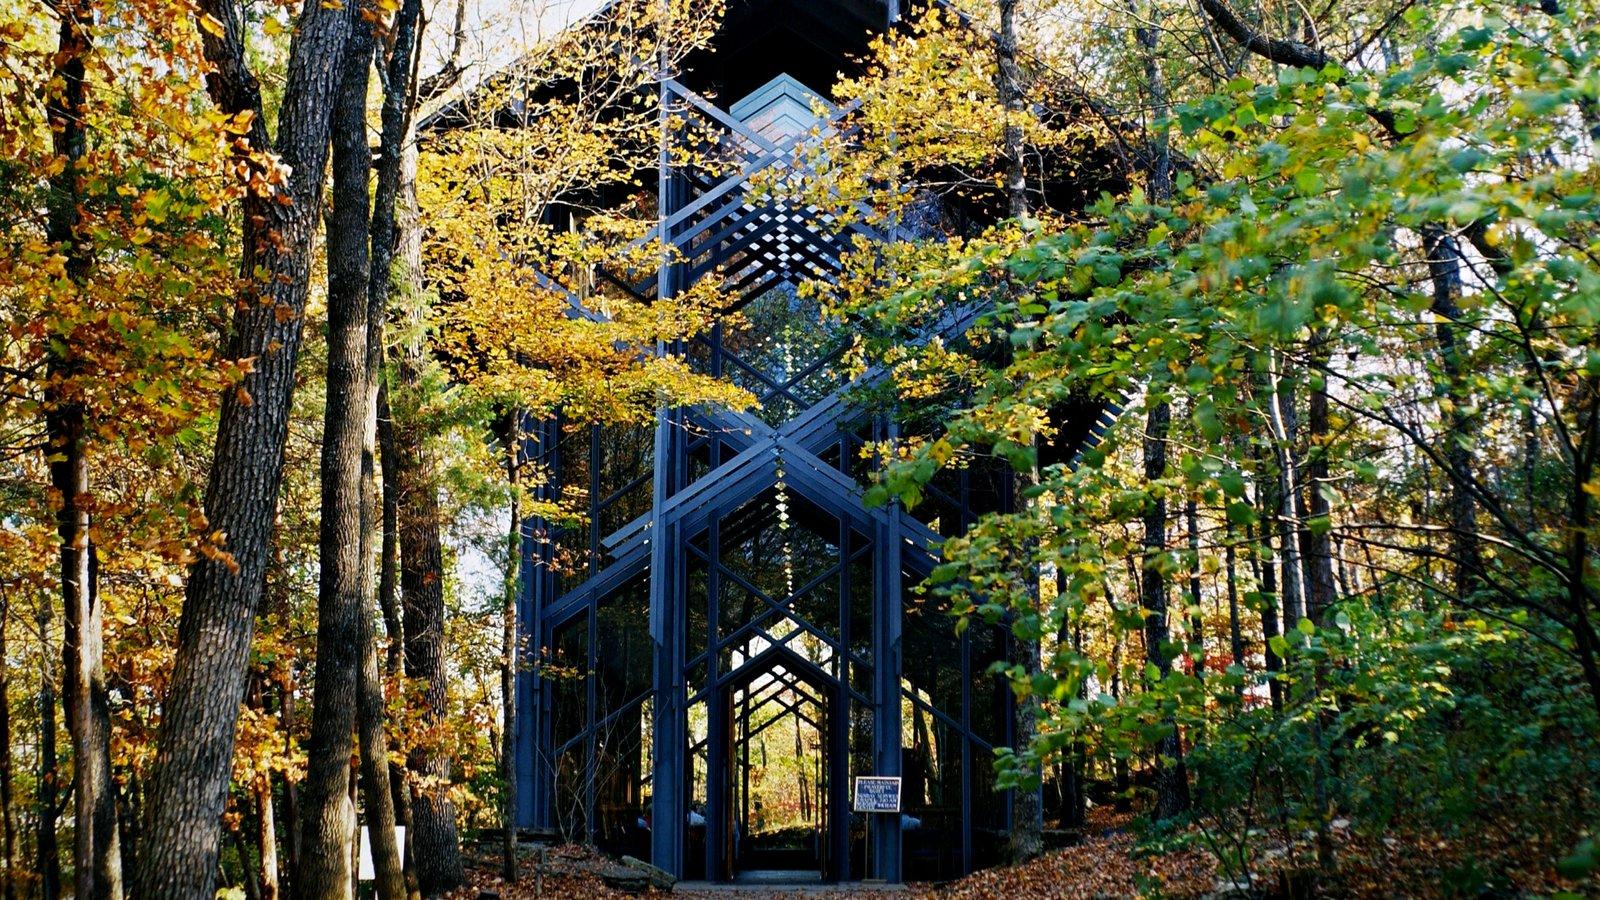 Thorncrown Chapel caracterizando arquitetura moderna, cenas de floresta e cores do outono